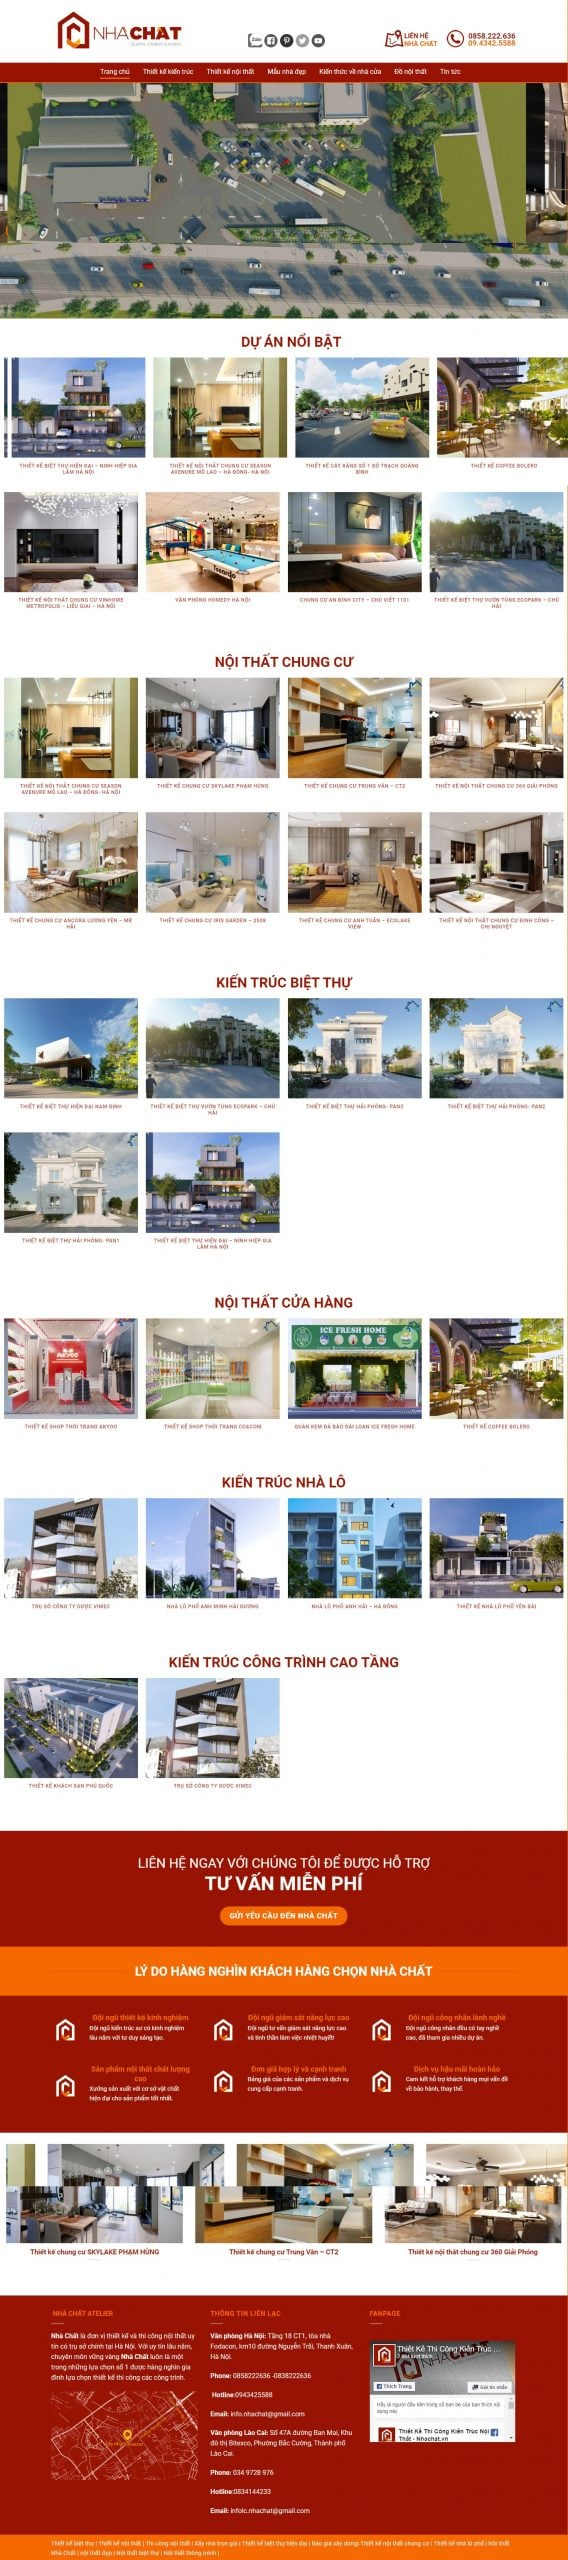 Mẫu thiết kế website bán hàng – nhachat.vn Thiết kế kiến trúc nội thất